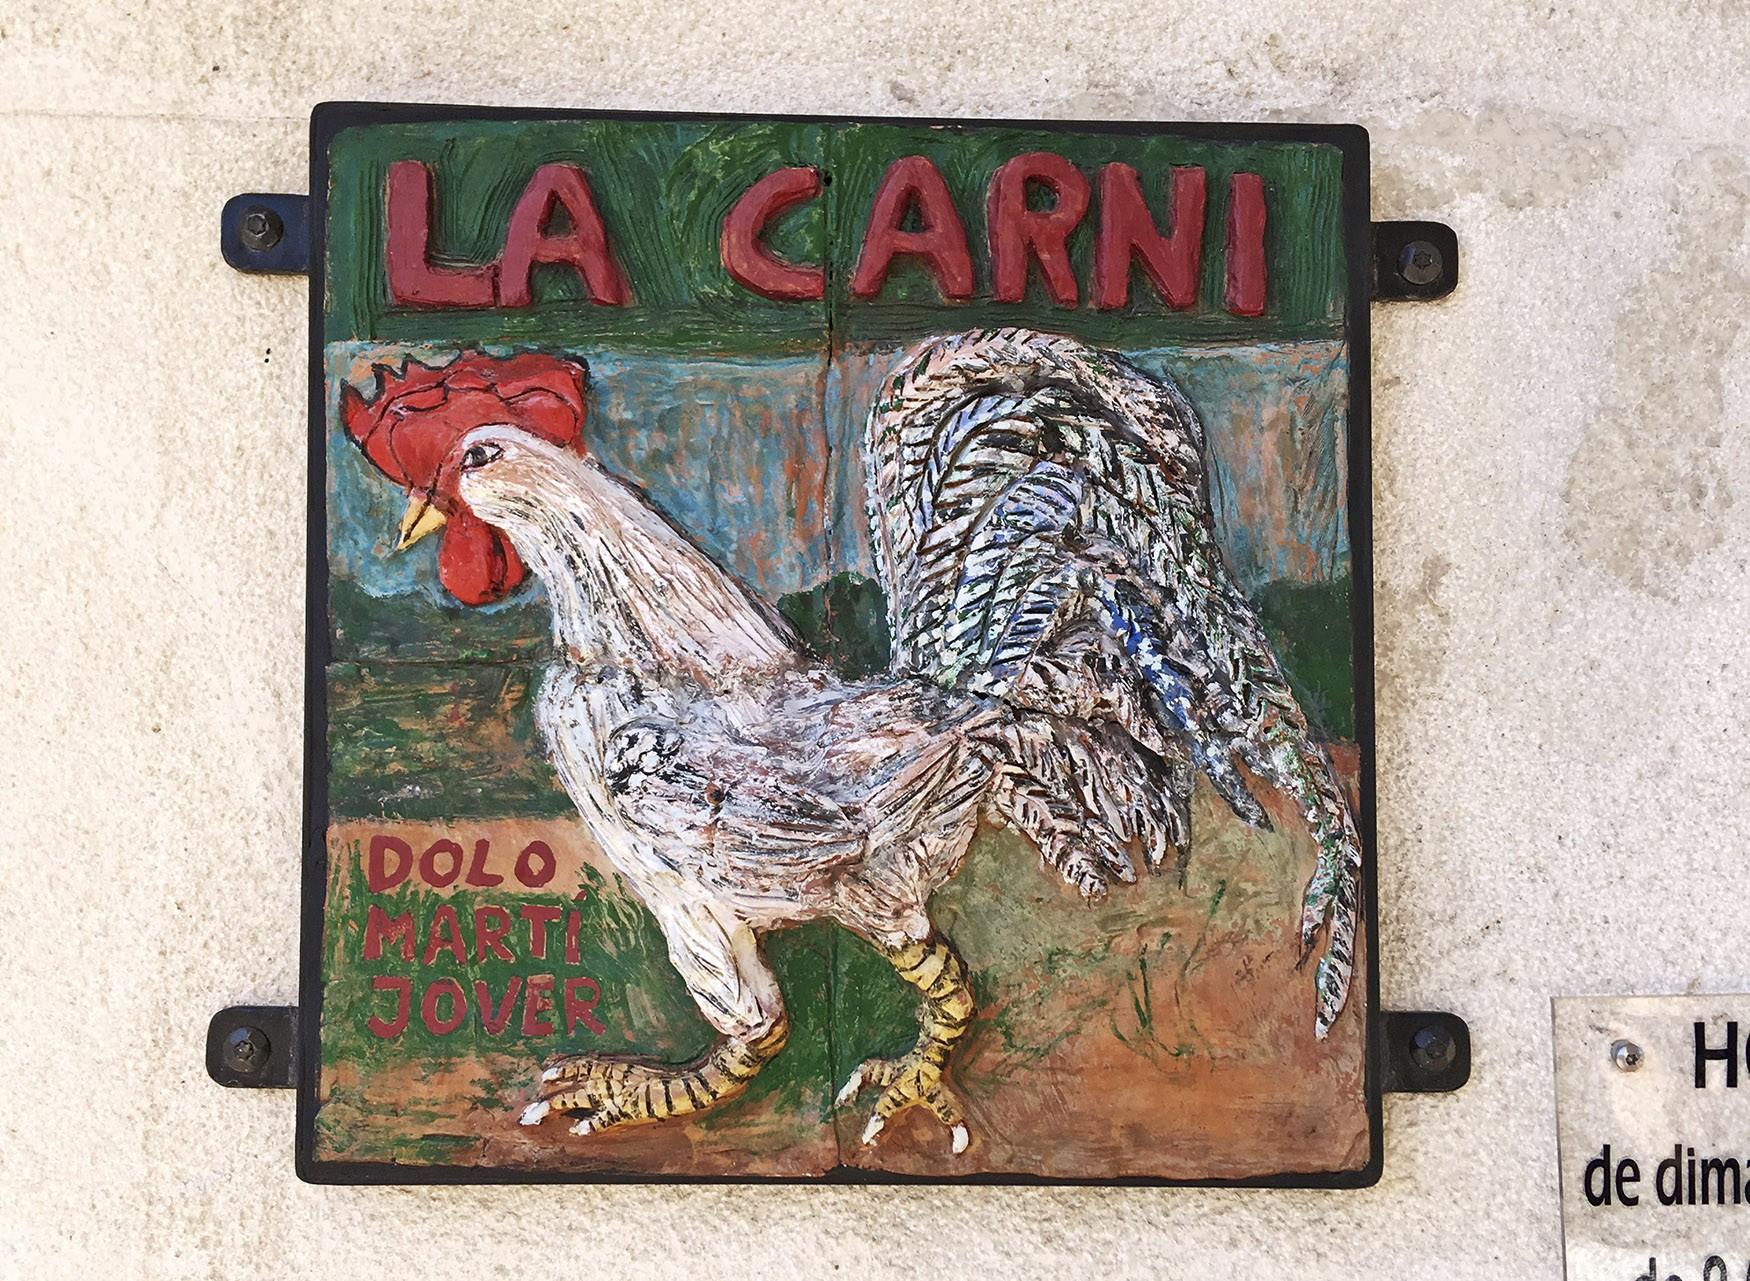 Ilustración de una gallina en un cartel artesanal de carnicería. Cocentaina.